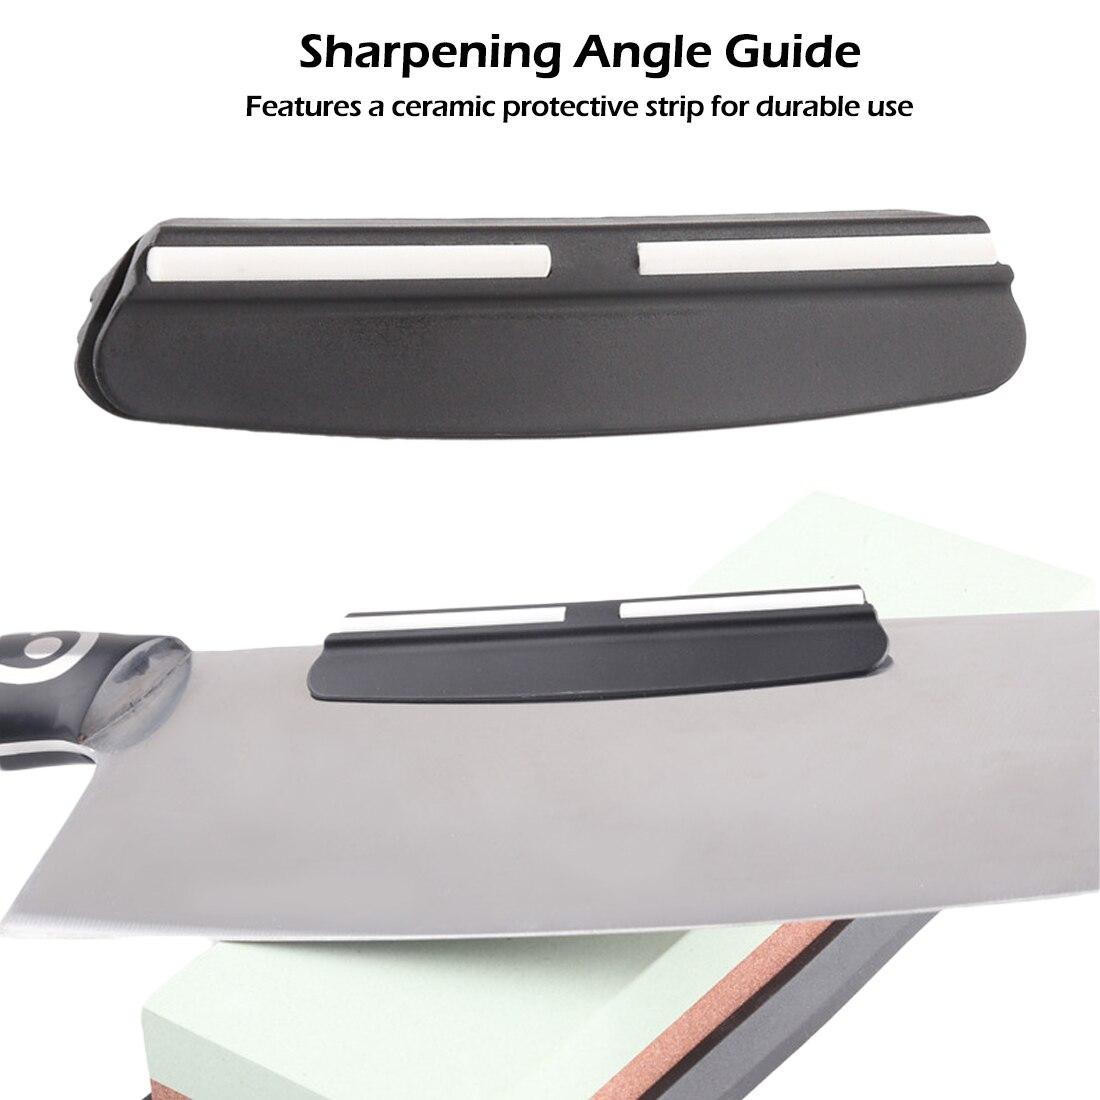 Sharpener Fixed Angle Grinding Clamp For Whetstone Sharpening Guide Tool Knife Sharpener